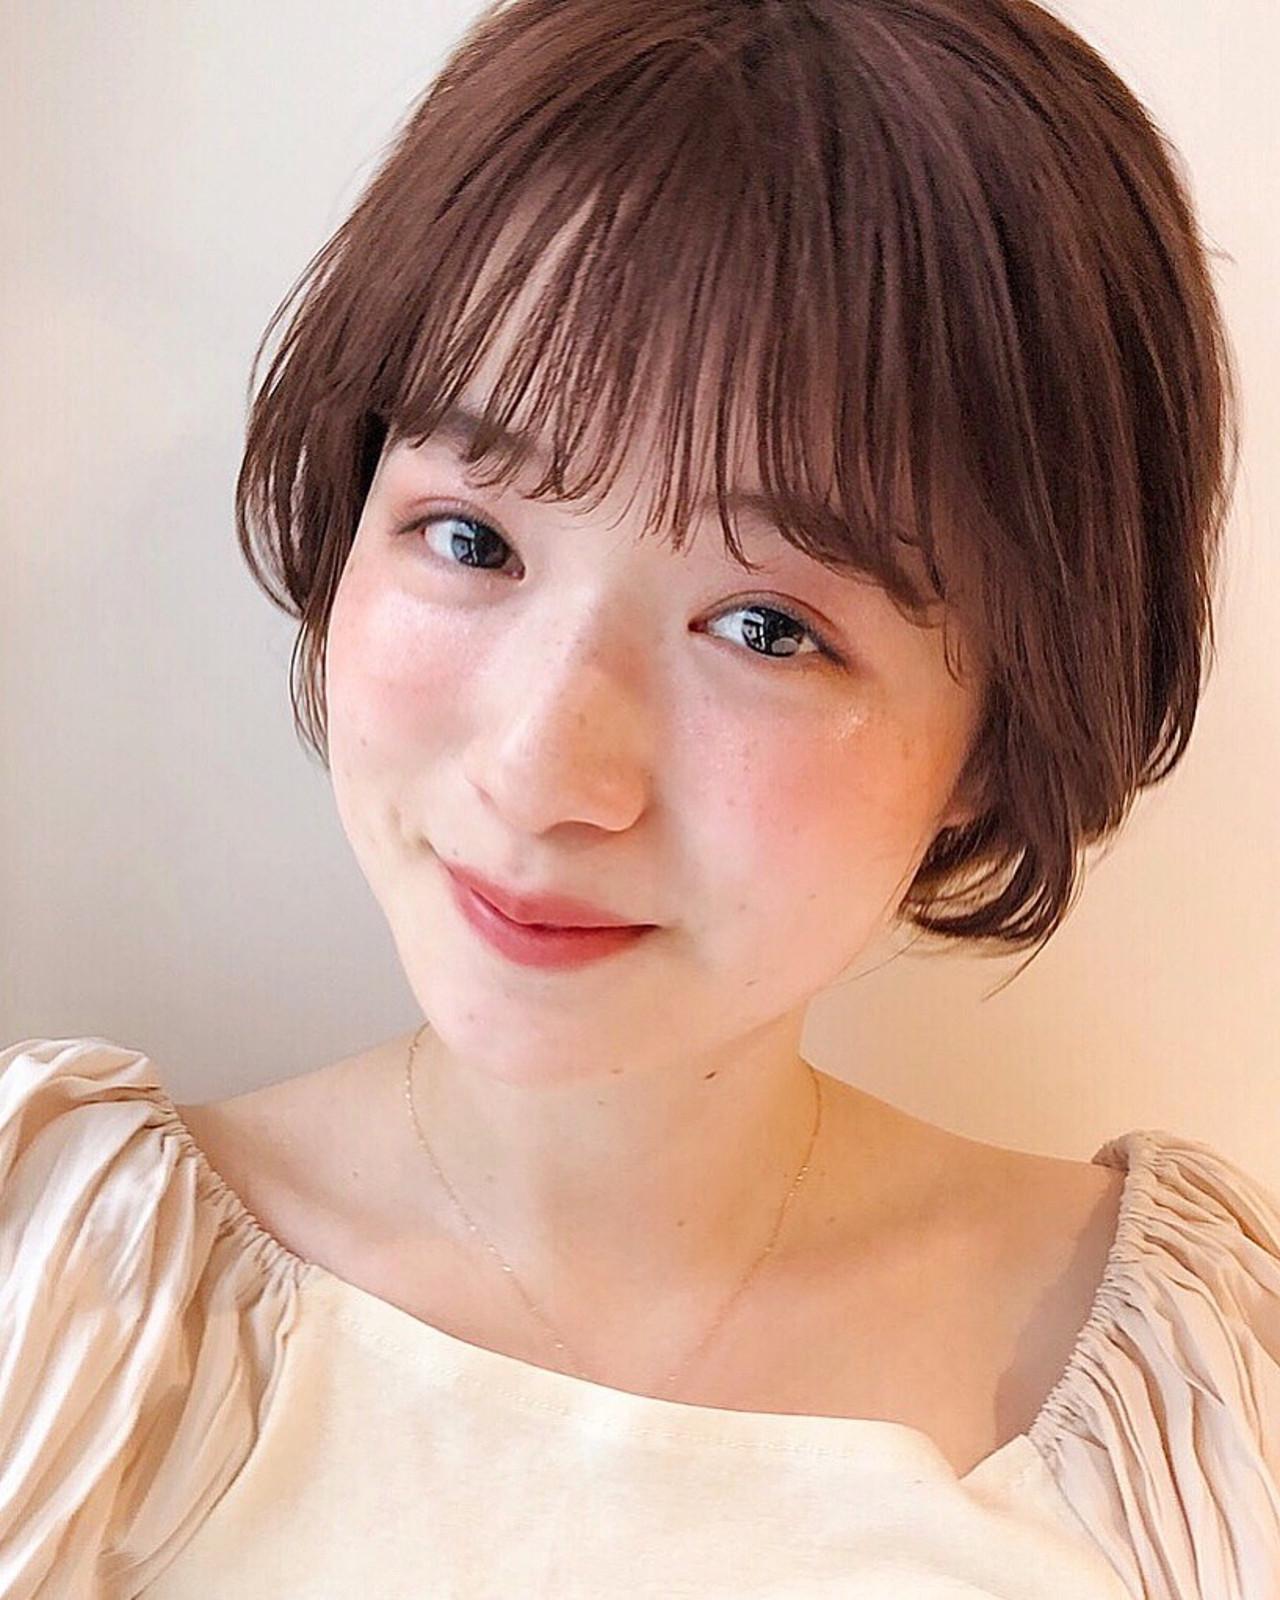 アンニュイほつれヘア ショート 透明感カラー デート ヘアスタイルや髪型の写真・画像